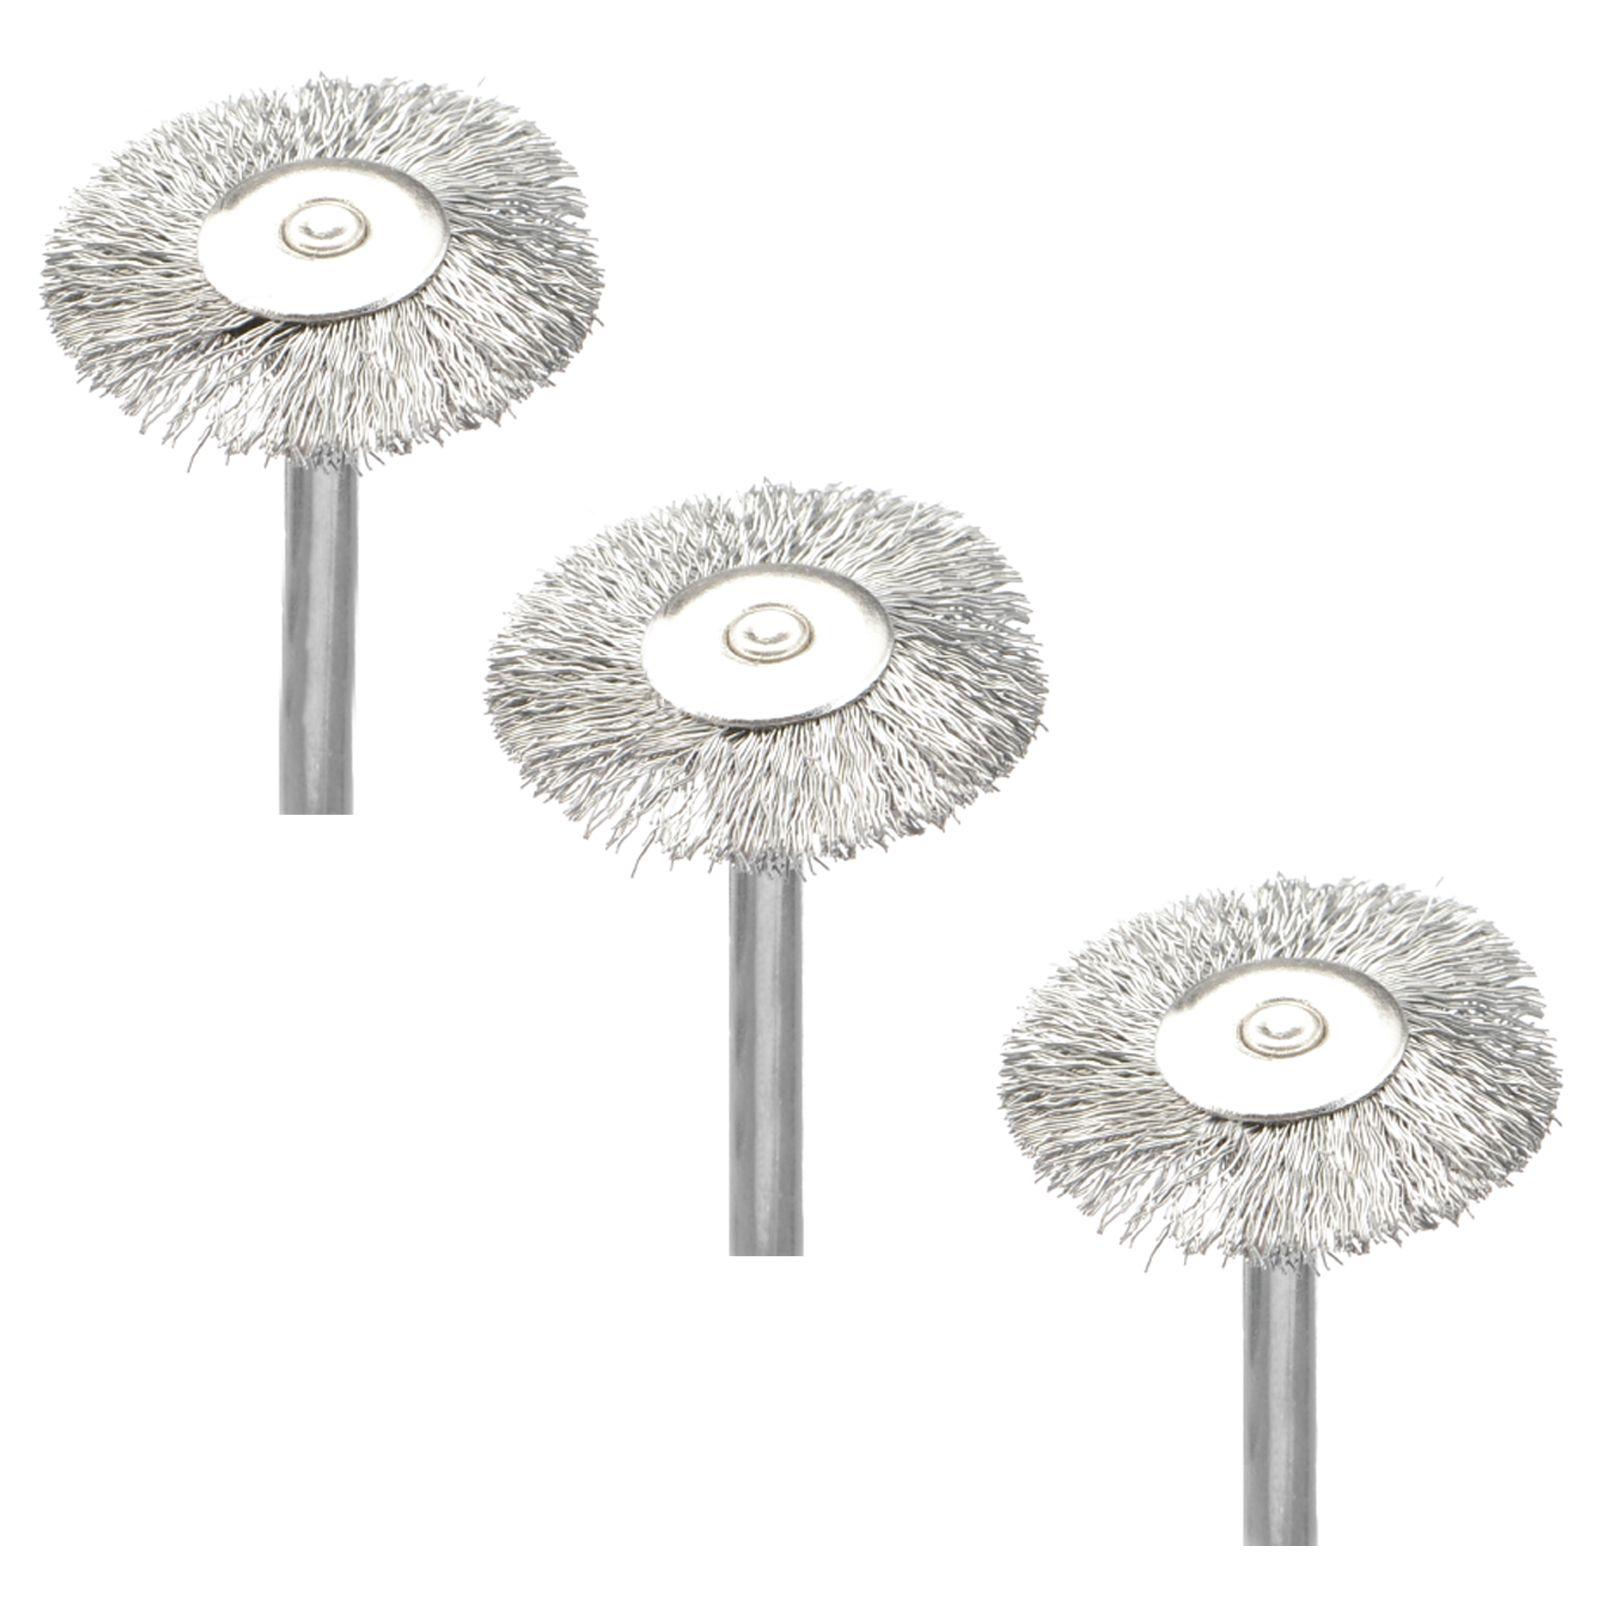 Wire Wheel Brush | Drills/Rotary Tool | Pinterest | Removing rust ...